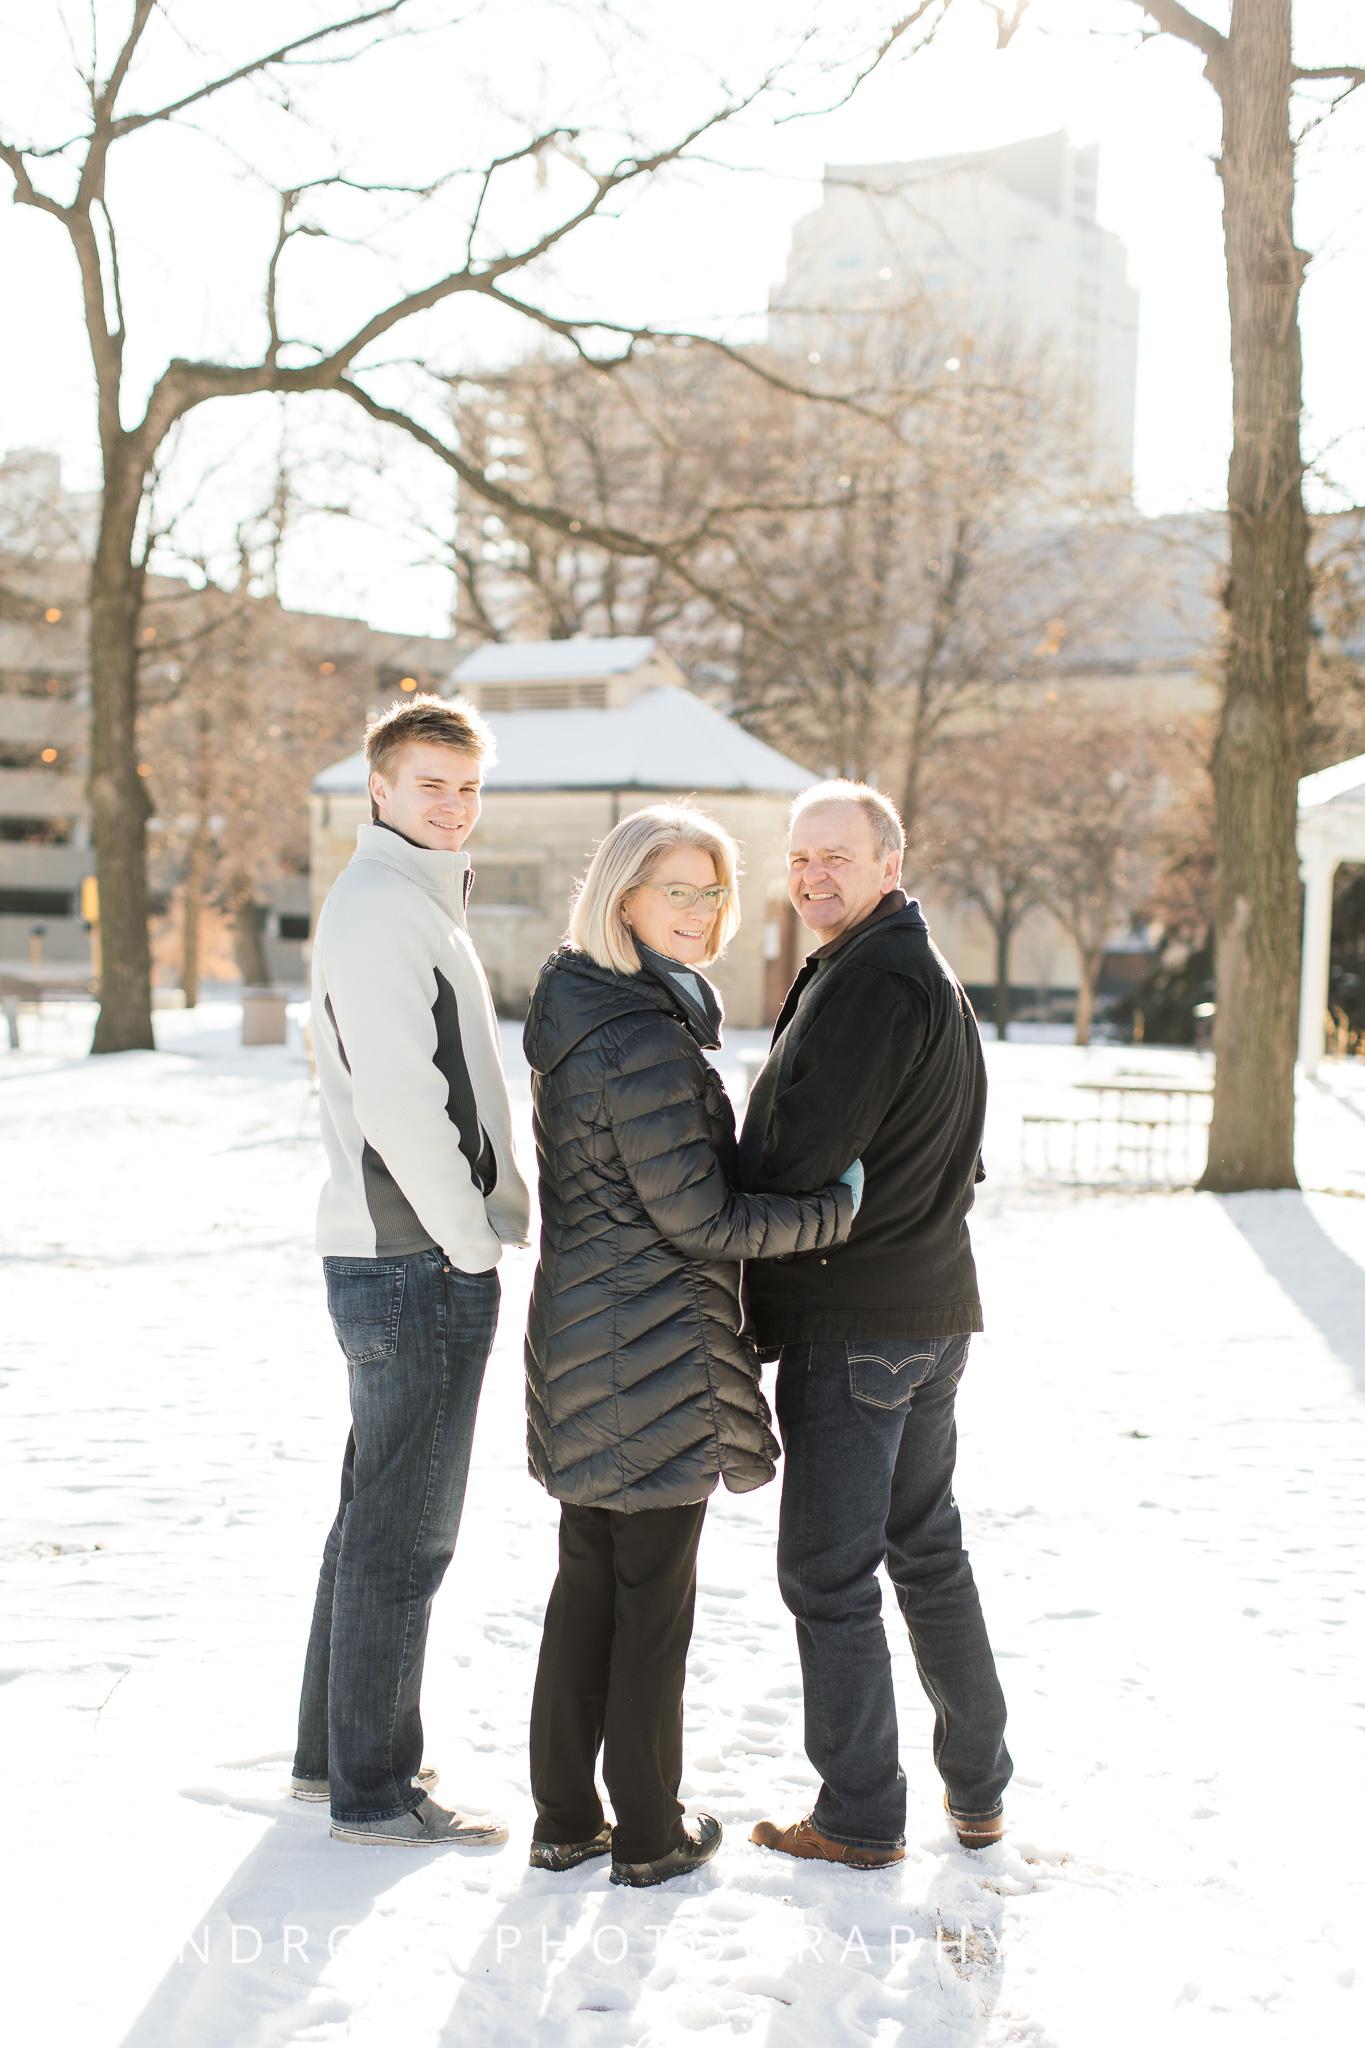 Central-Park-Rochester-Family-Portrait-3.jpg